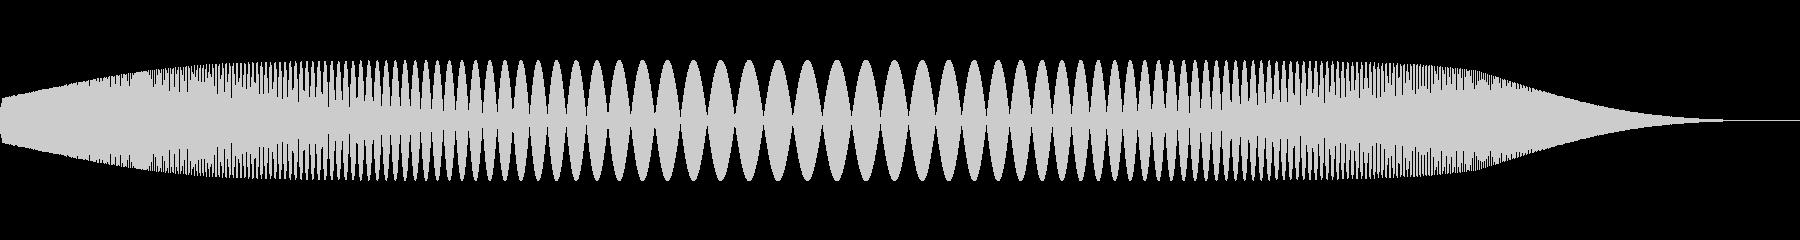 プニュ(柔らかいものを触ったような音)の未再生の波形